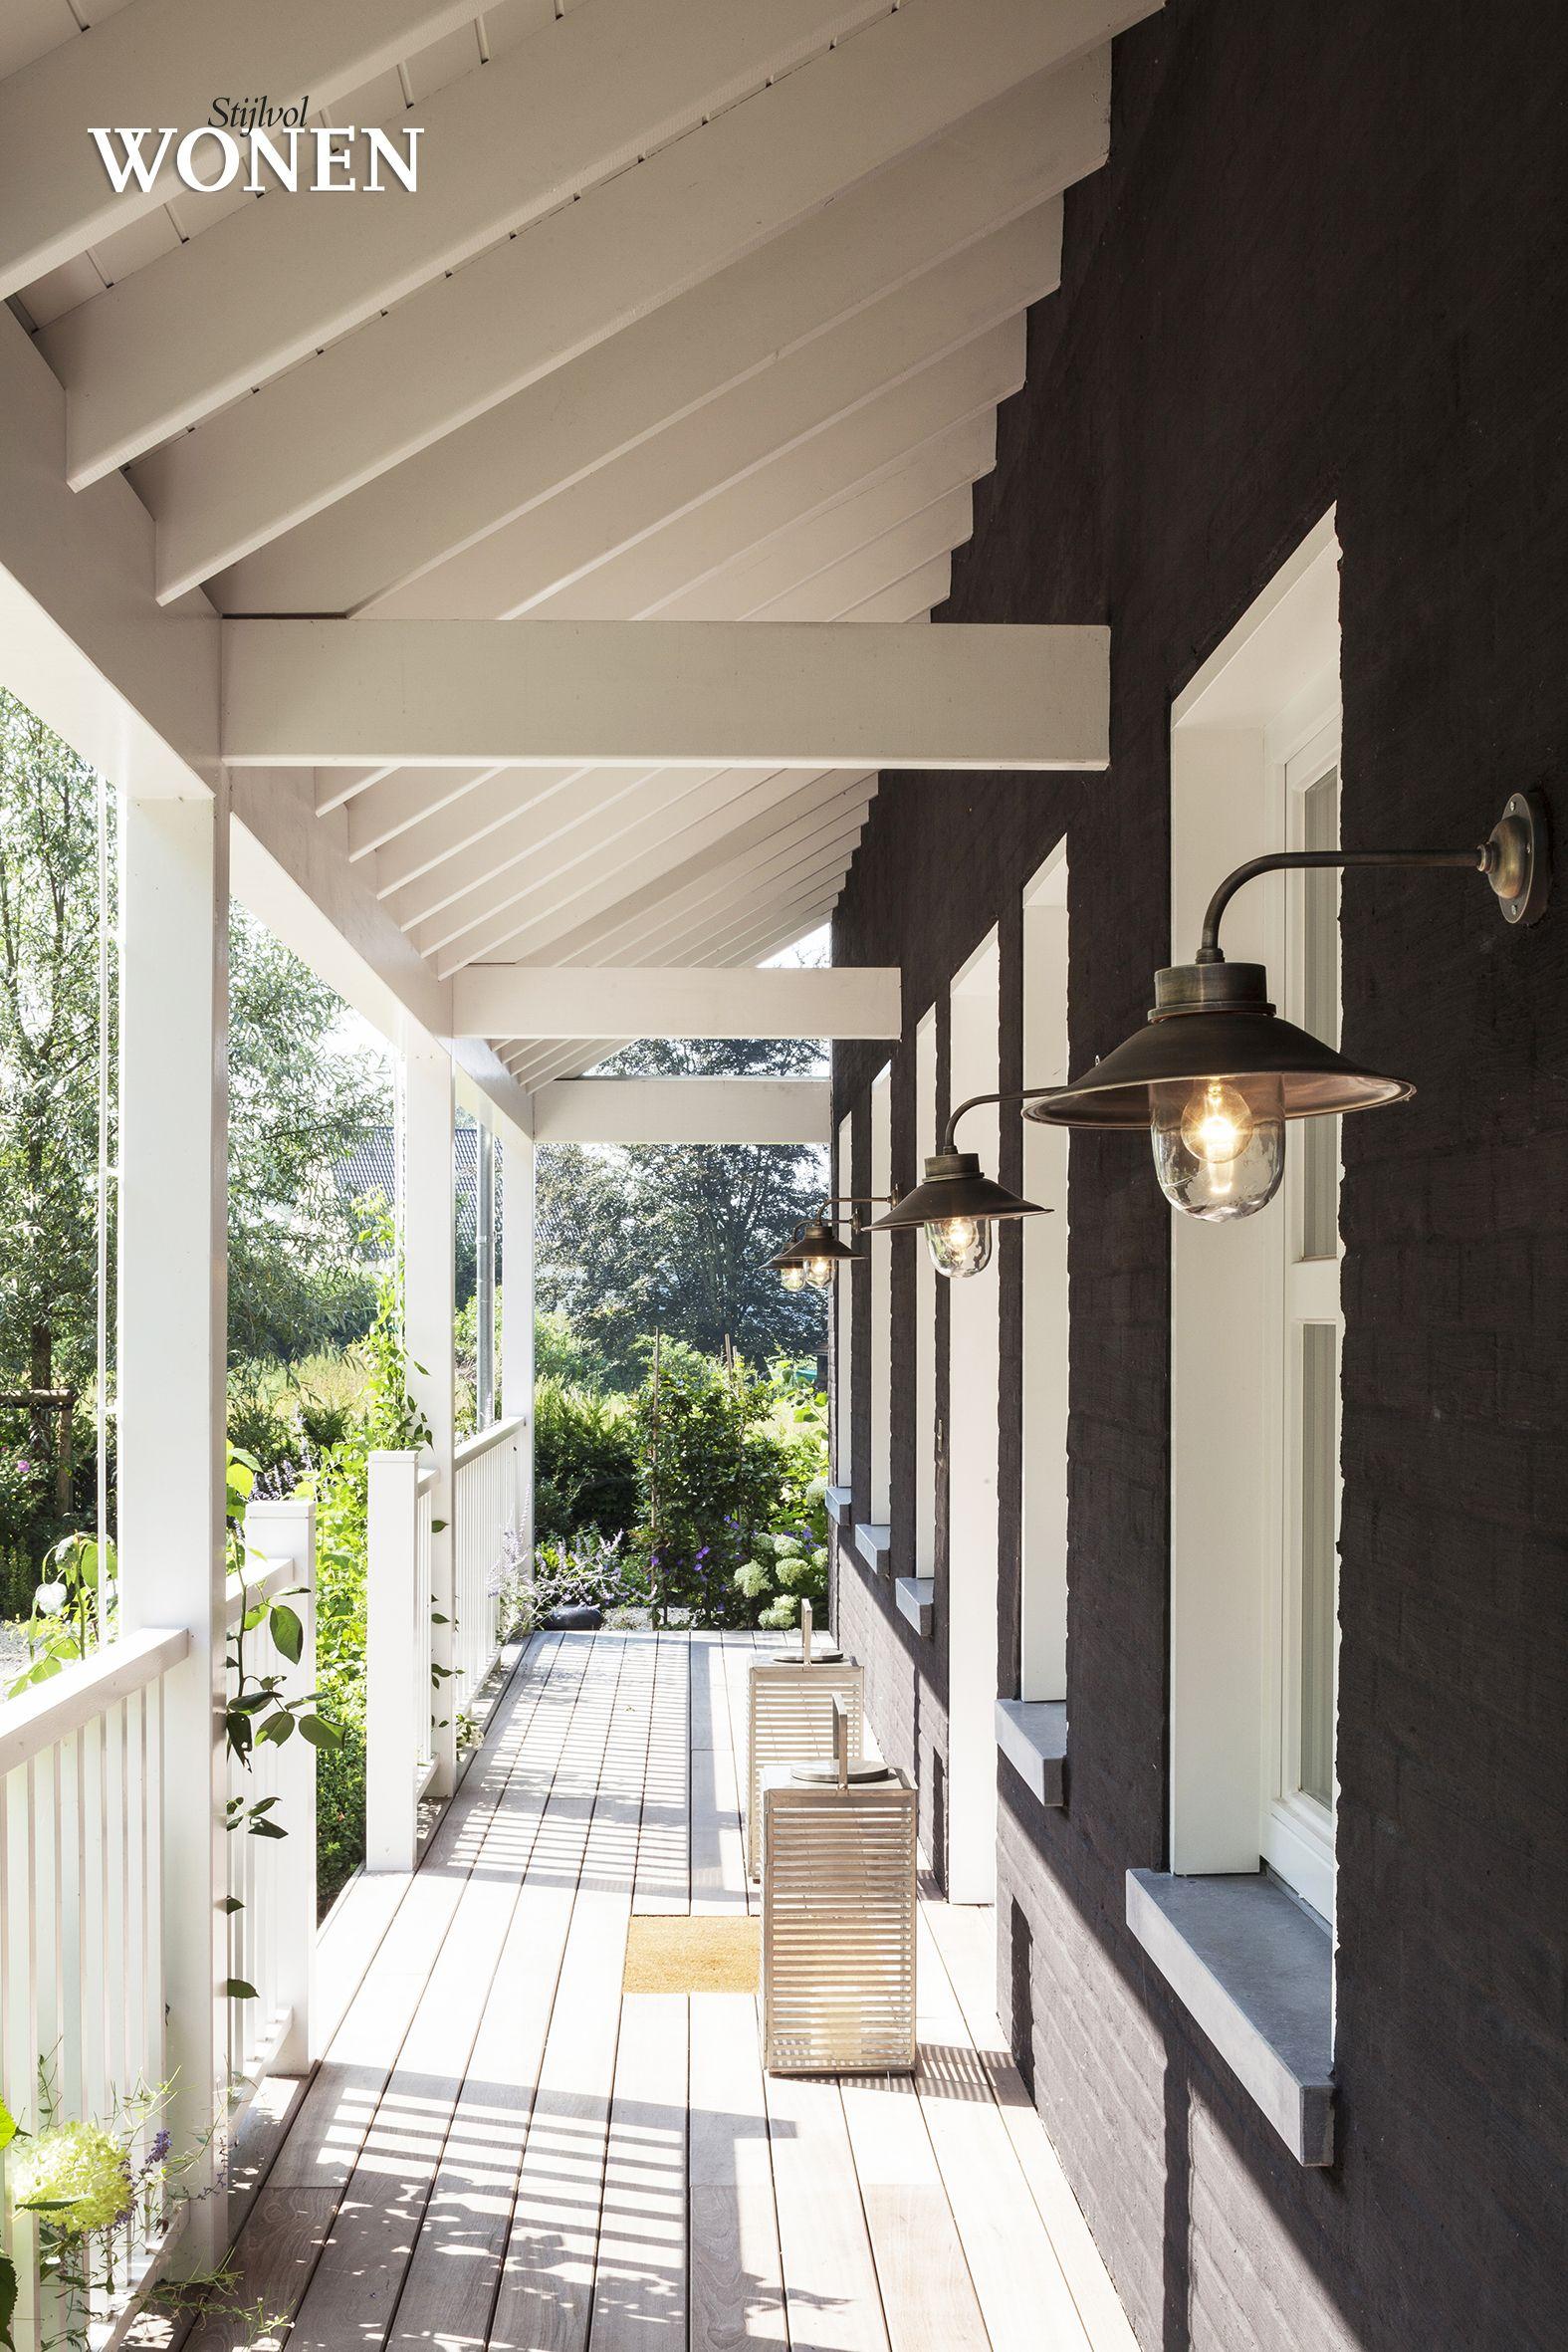 Outdoor terras hout blackwhite longislandstijl porch landelijk wonen pinterest lighting - Terras hout ...